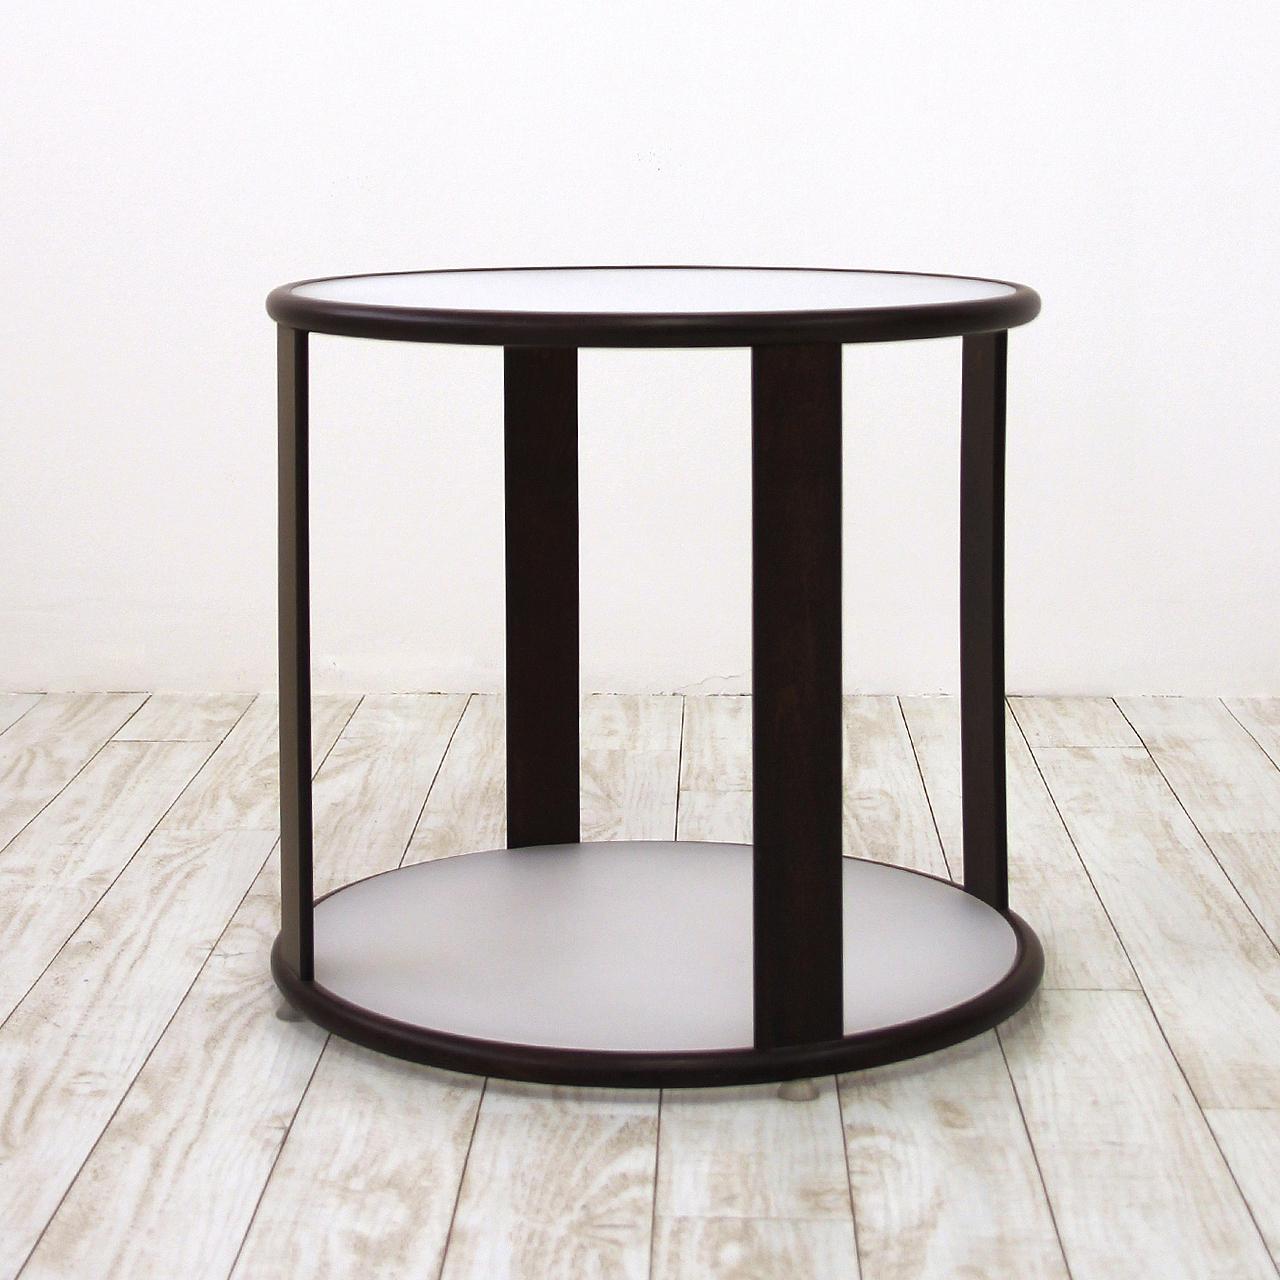 【送料無料・展示現品】イタリア製 サイドテーブル